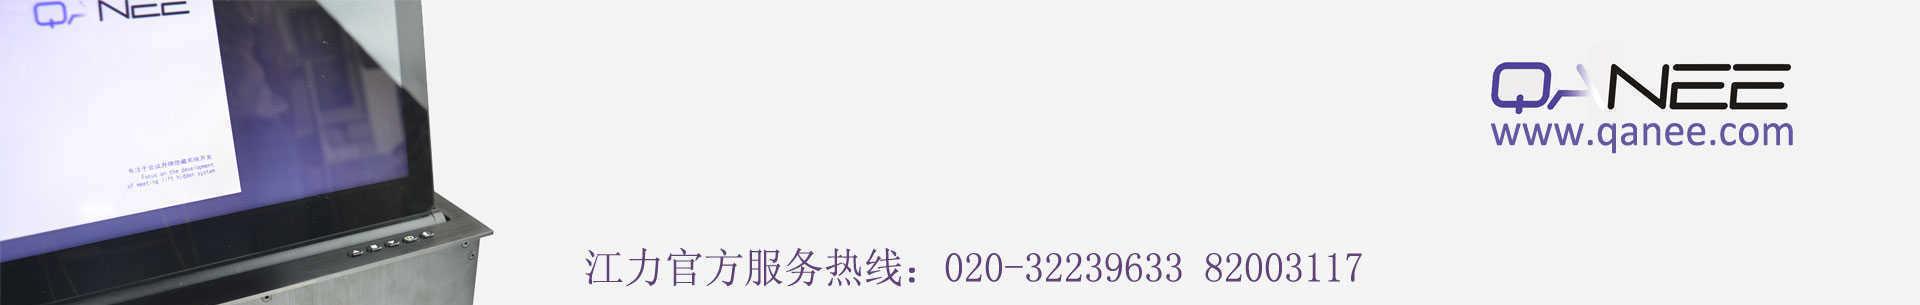 广州江力QANEE banner